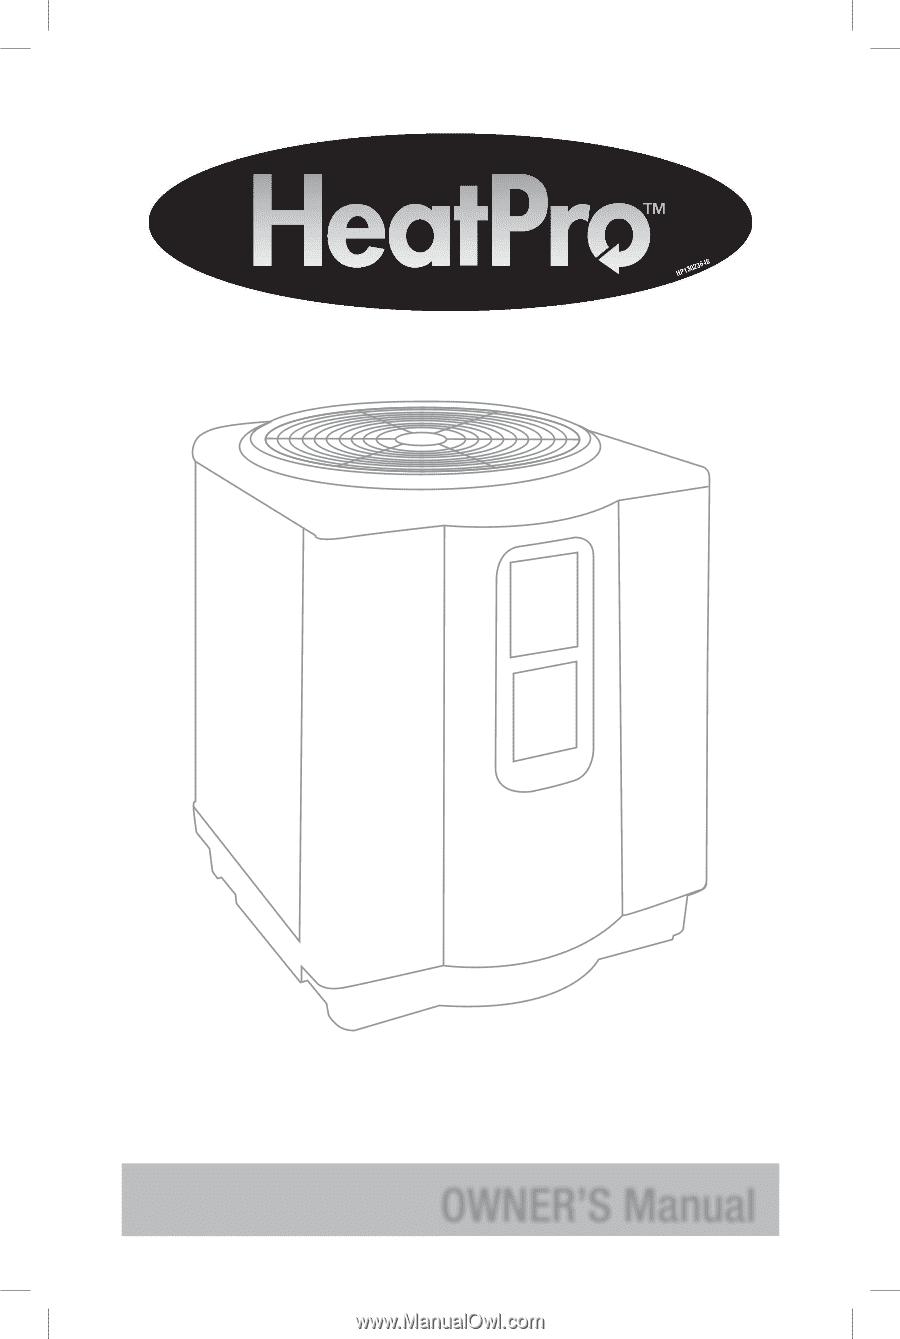 Hayward HeatPro | Heat Pro on